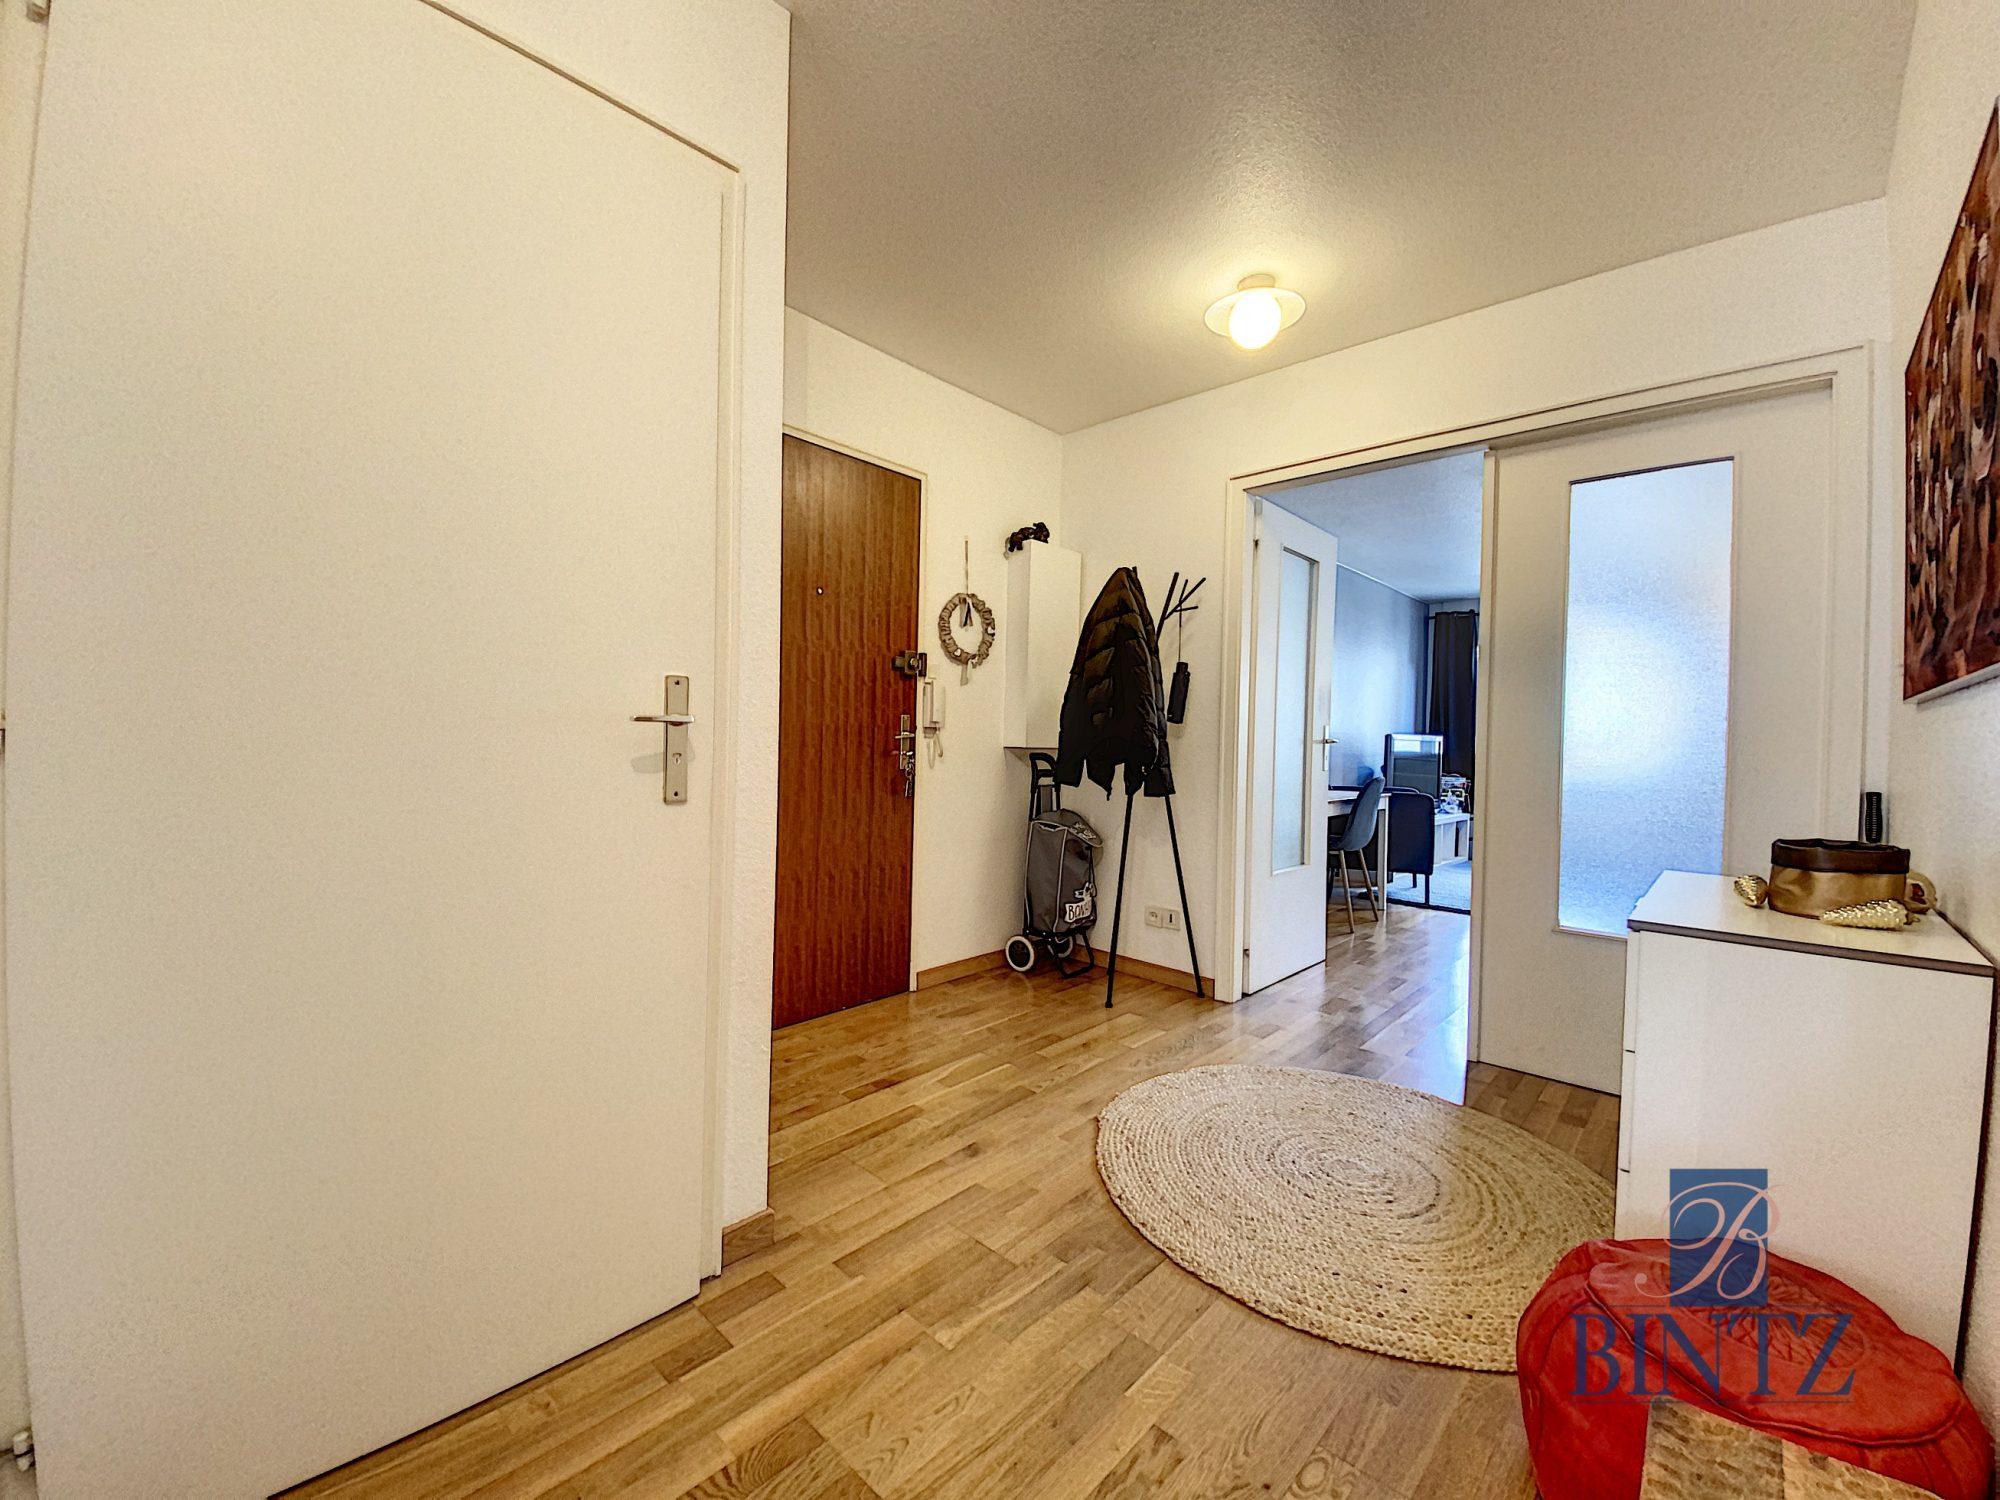 3 PIÈCES NEUSTADT AVEC GARAGE - Devenez locataire en toute sérénité - Bintz Immobilier - 7